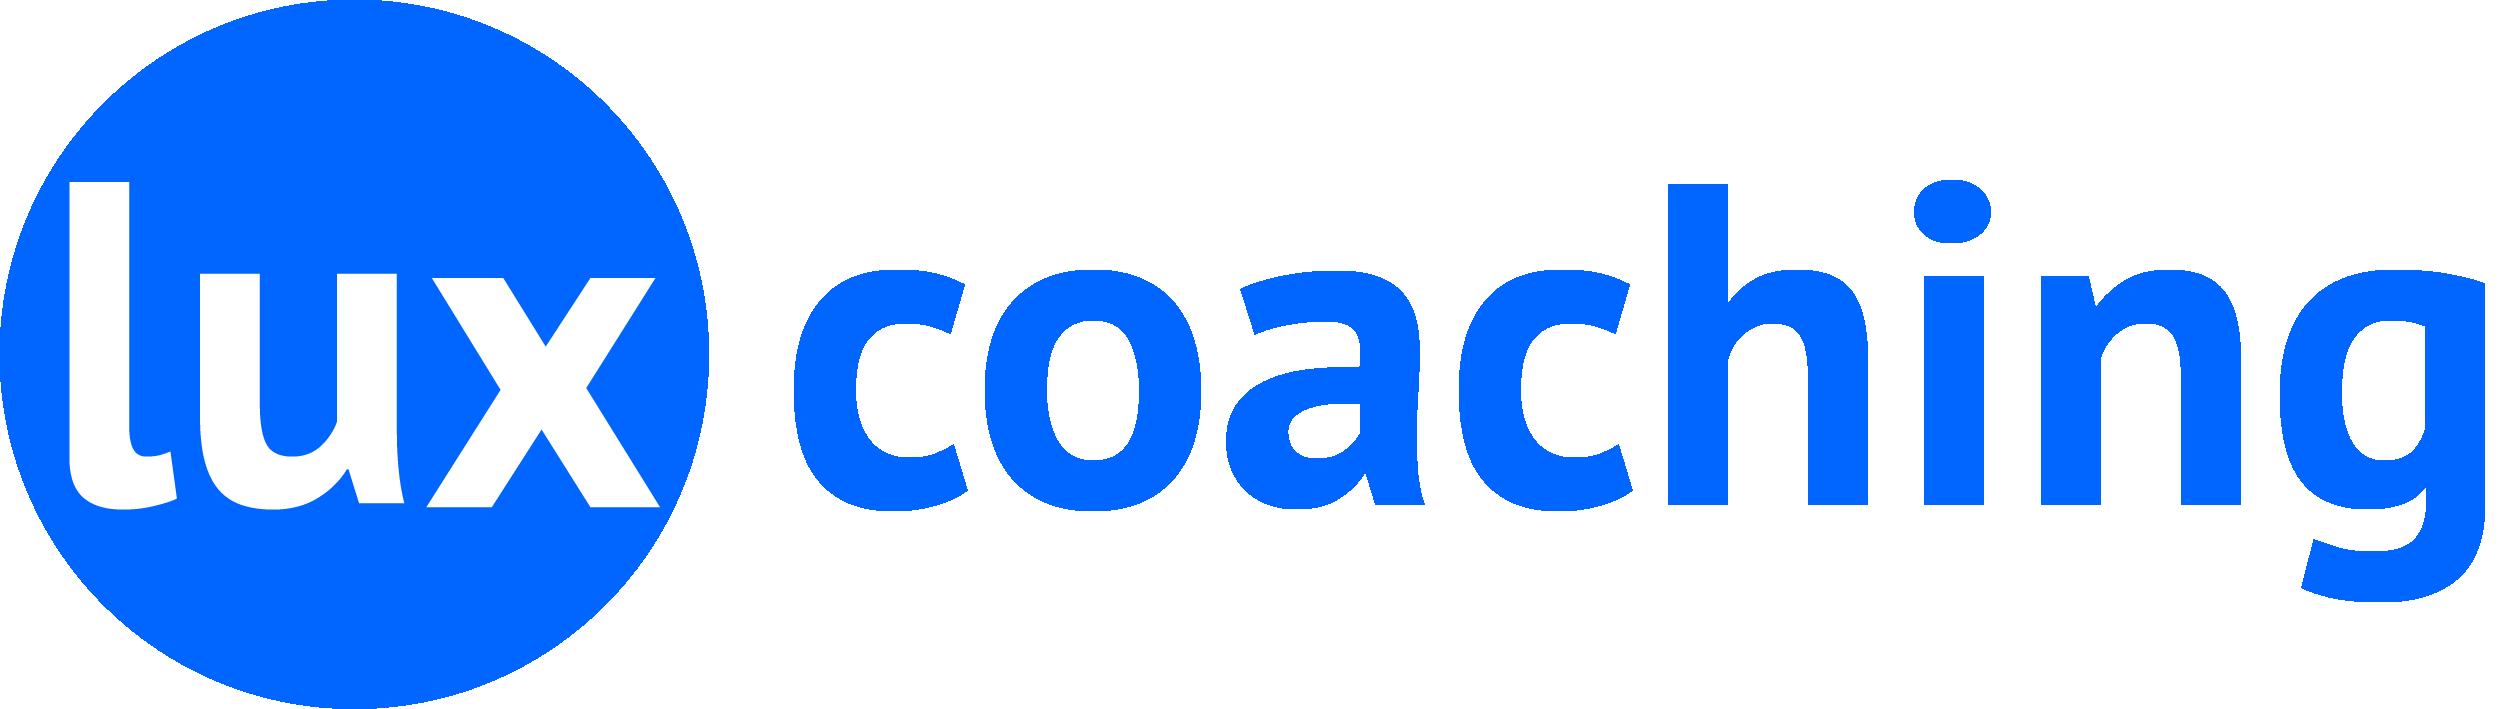 lux coaching